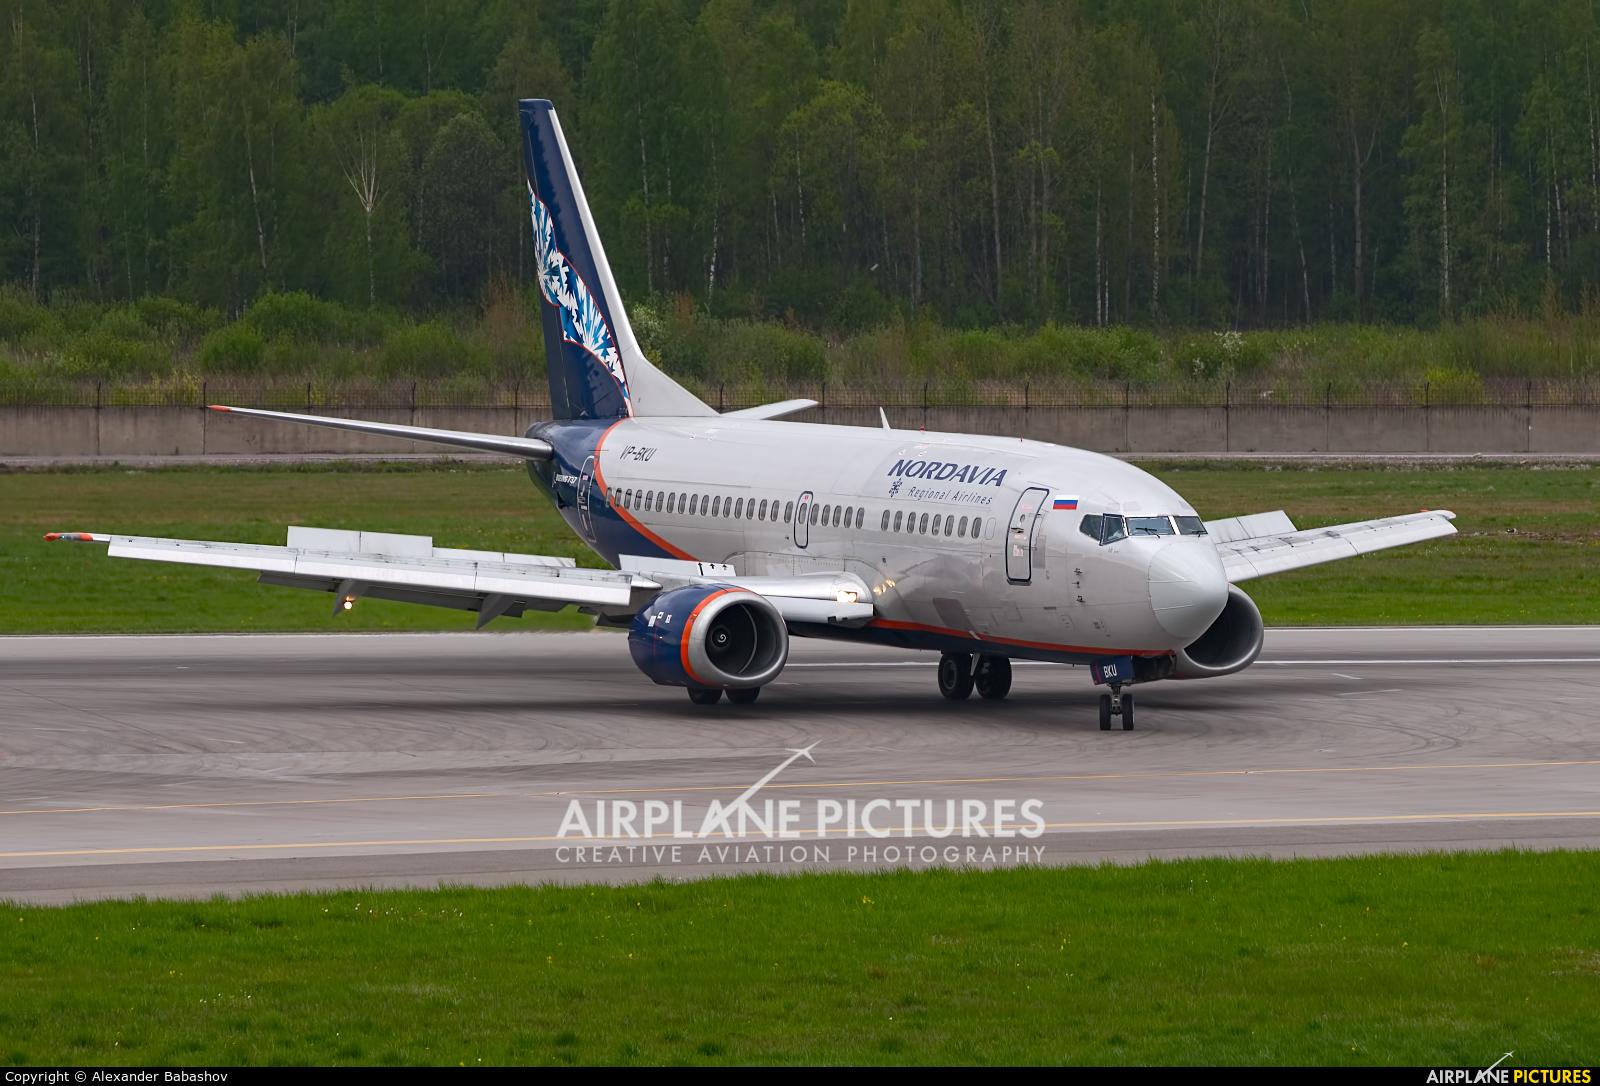 Nordavia Boeing 737-500 VP-BKU